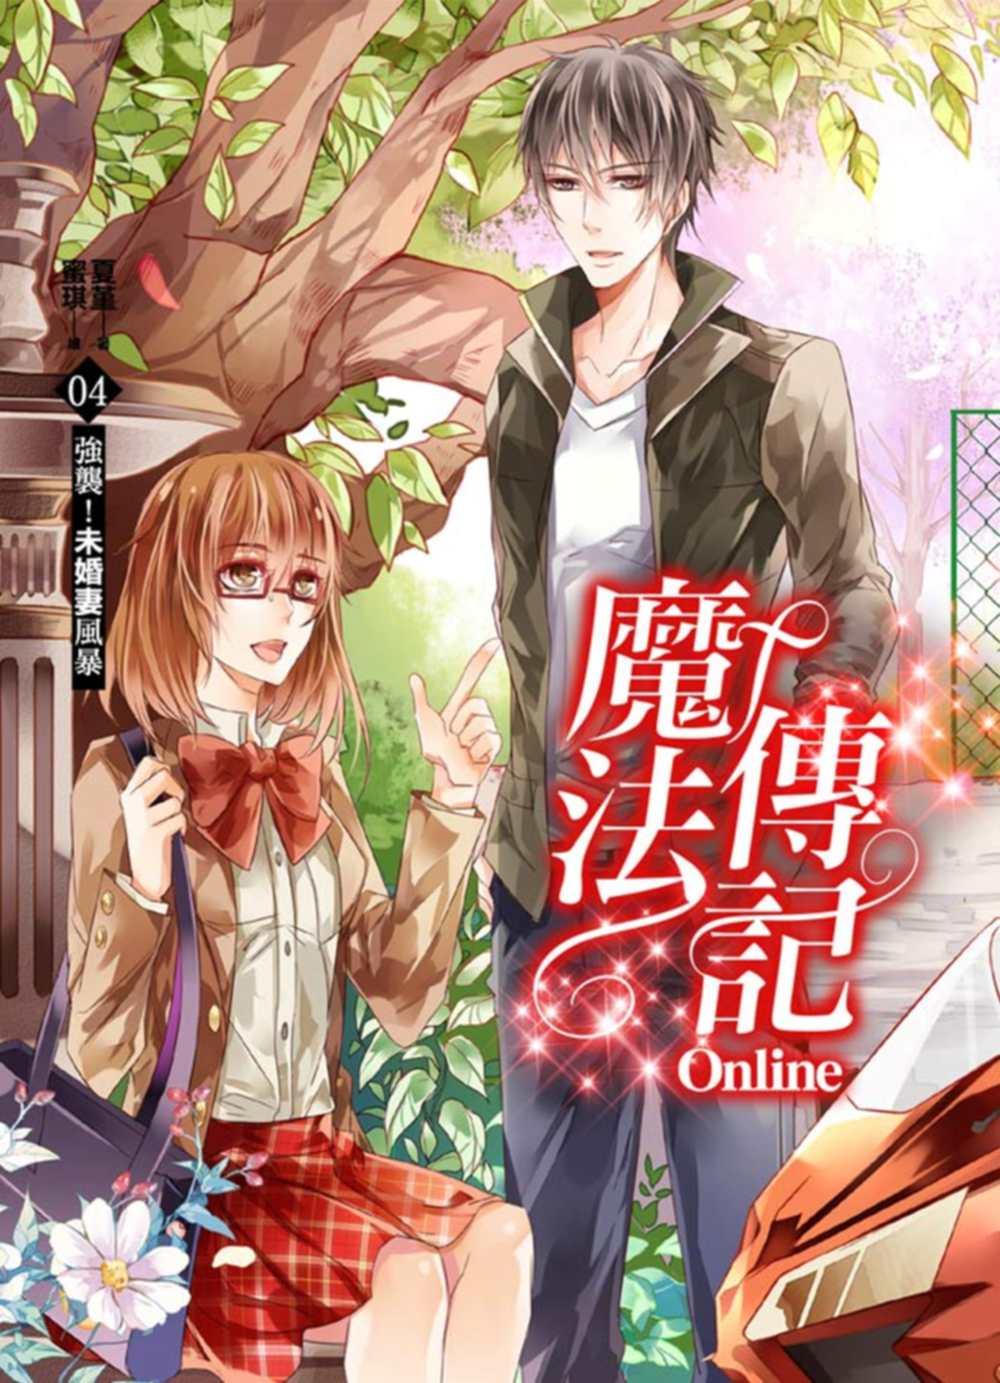 魔法傳記Online 04:強襲!未婚妻風暴